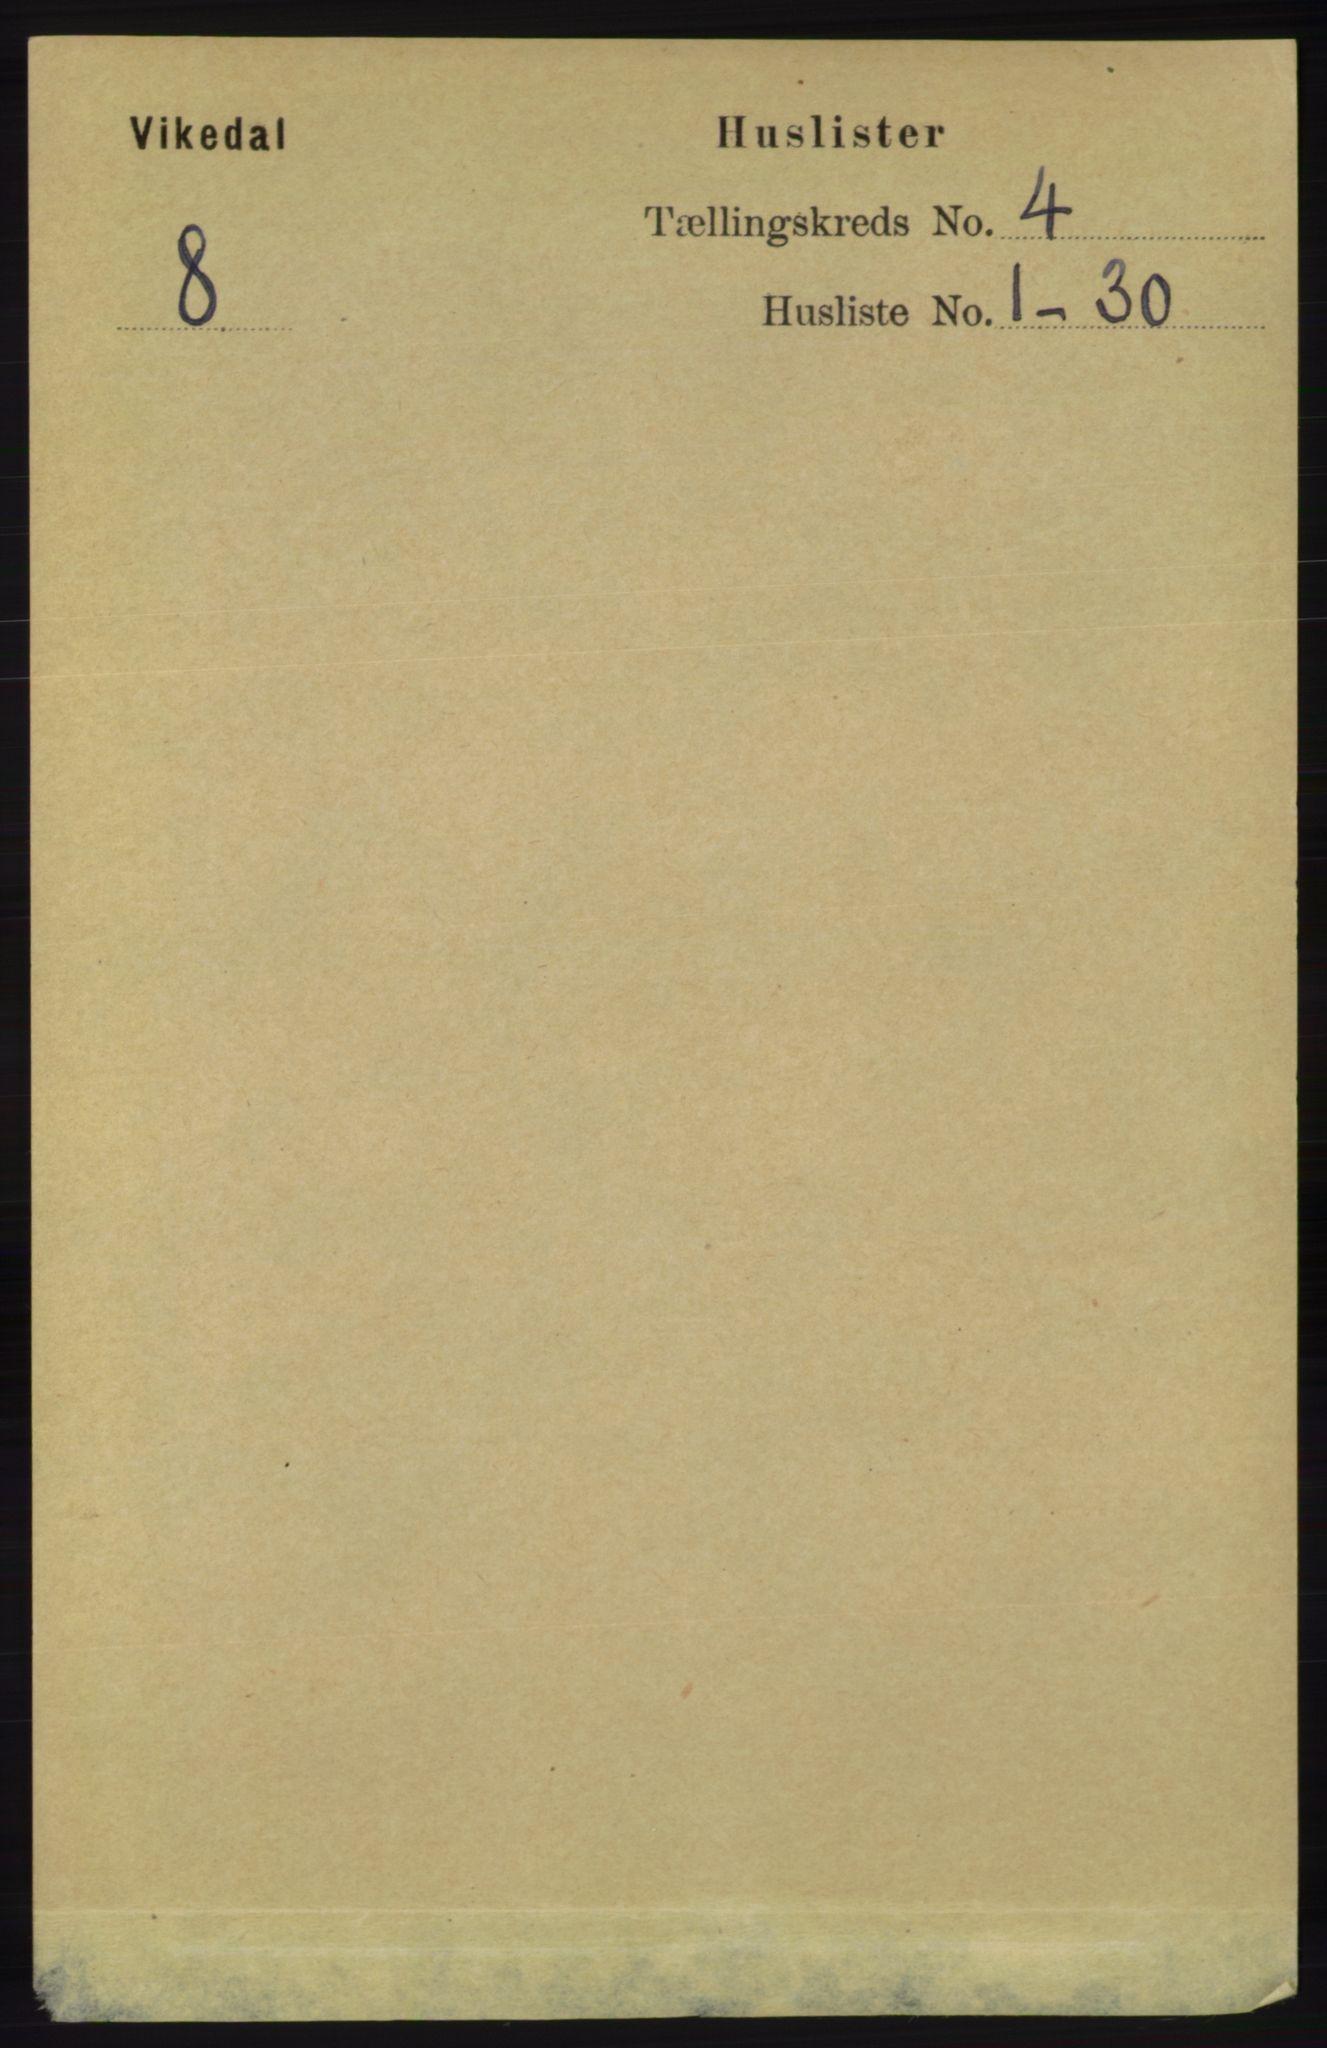 RA, Folketelling 1891 for 1157 Vikedal herred, 1891, s. 896